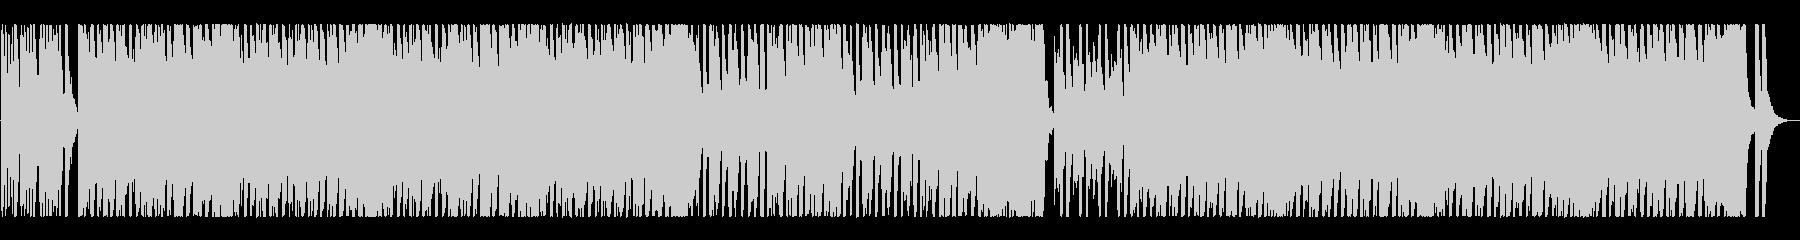 コミカルで怪しげなオーケストラワルツの未再生の波形